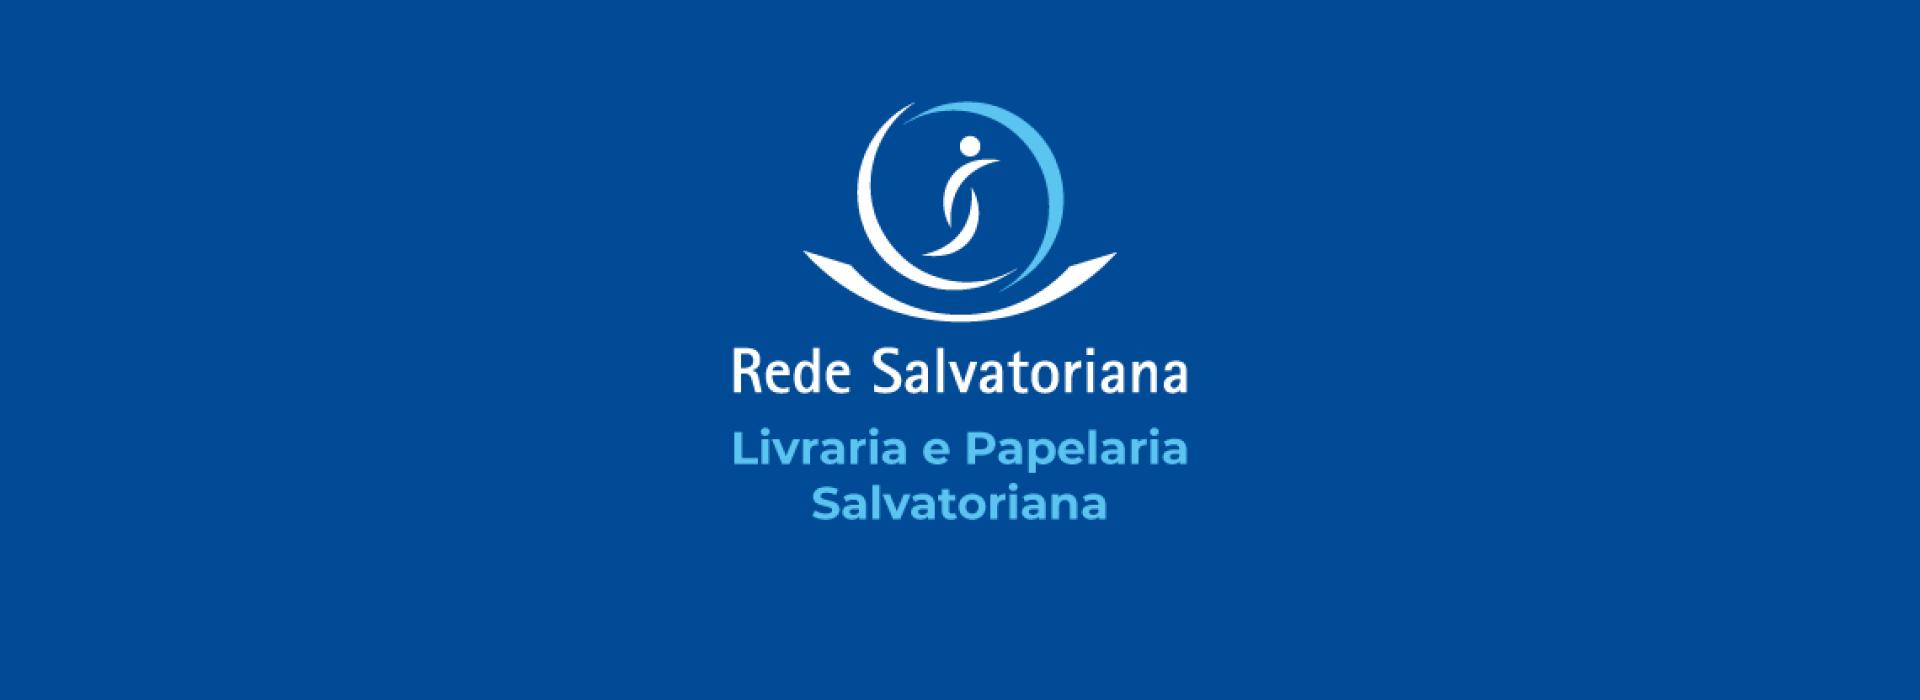 Livraria e Papelaria Salvatoriana adota Solução SIA da System